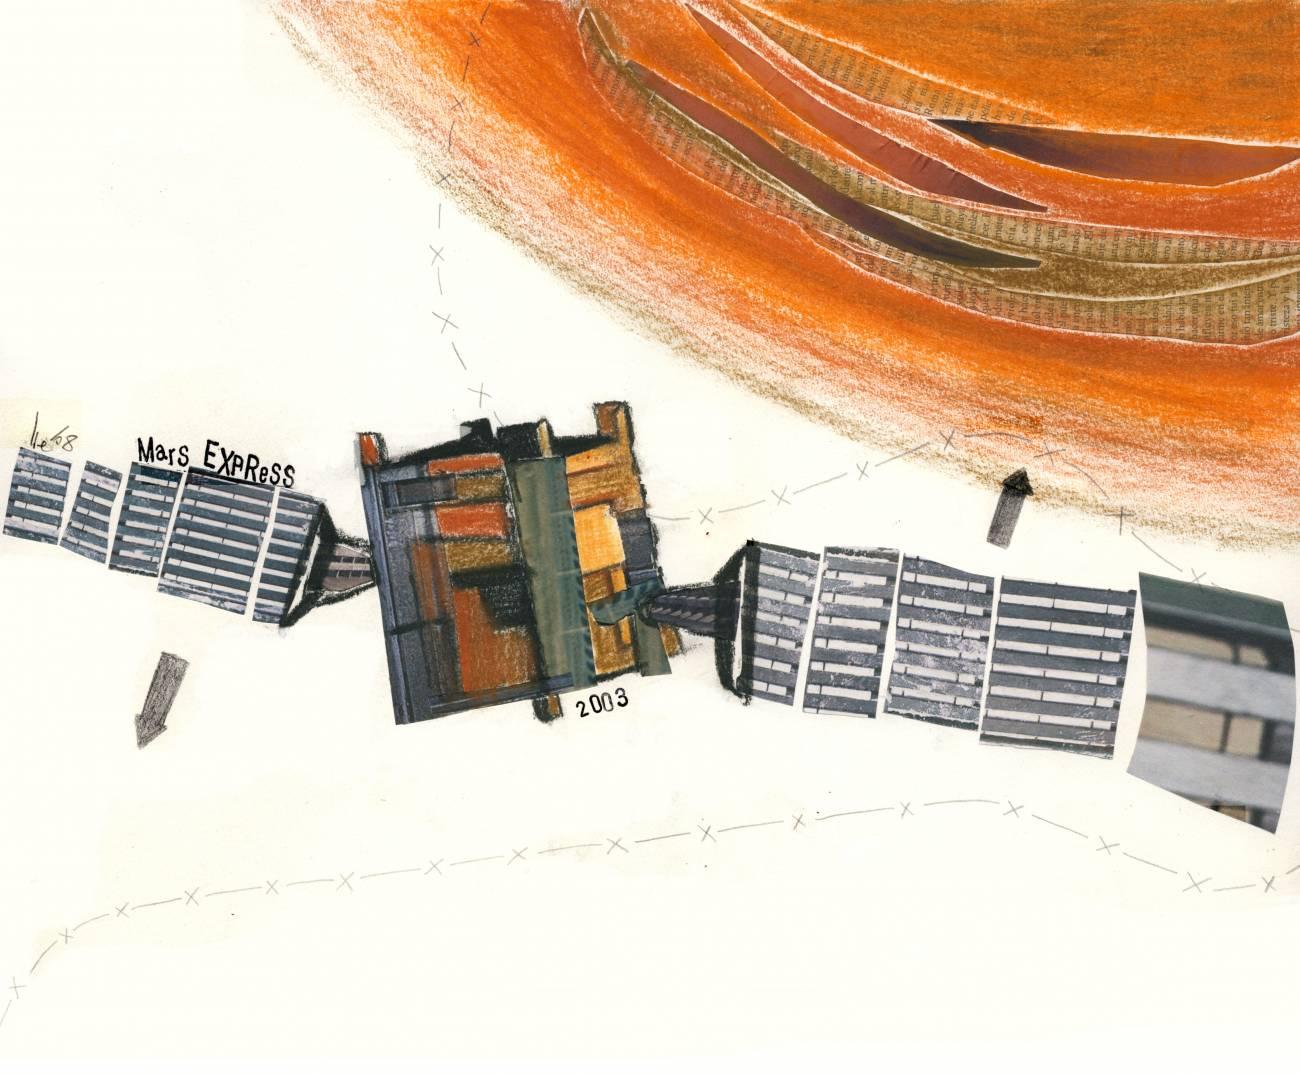 Quinto aniversario del lanzamiento de la nave Mars Express